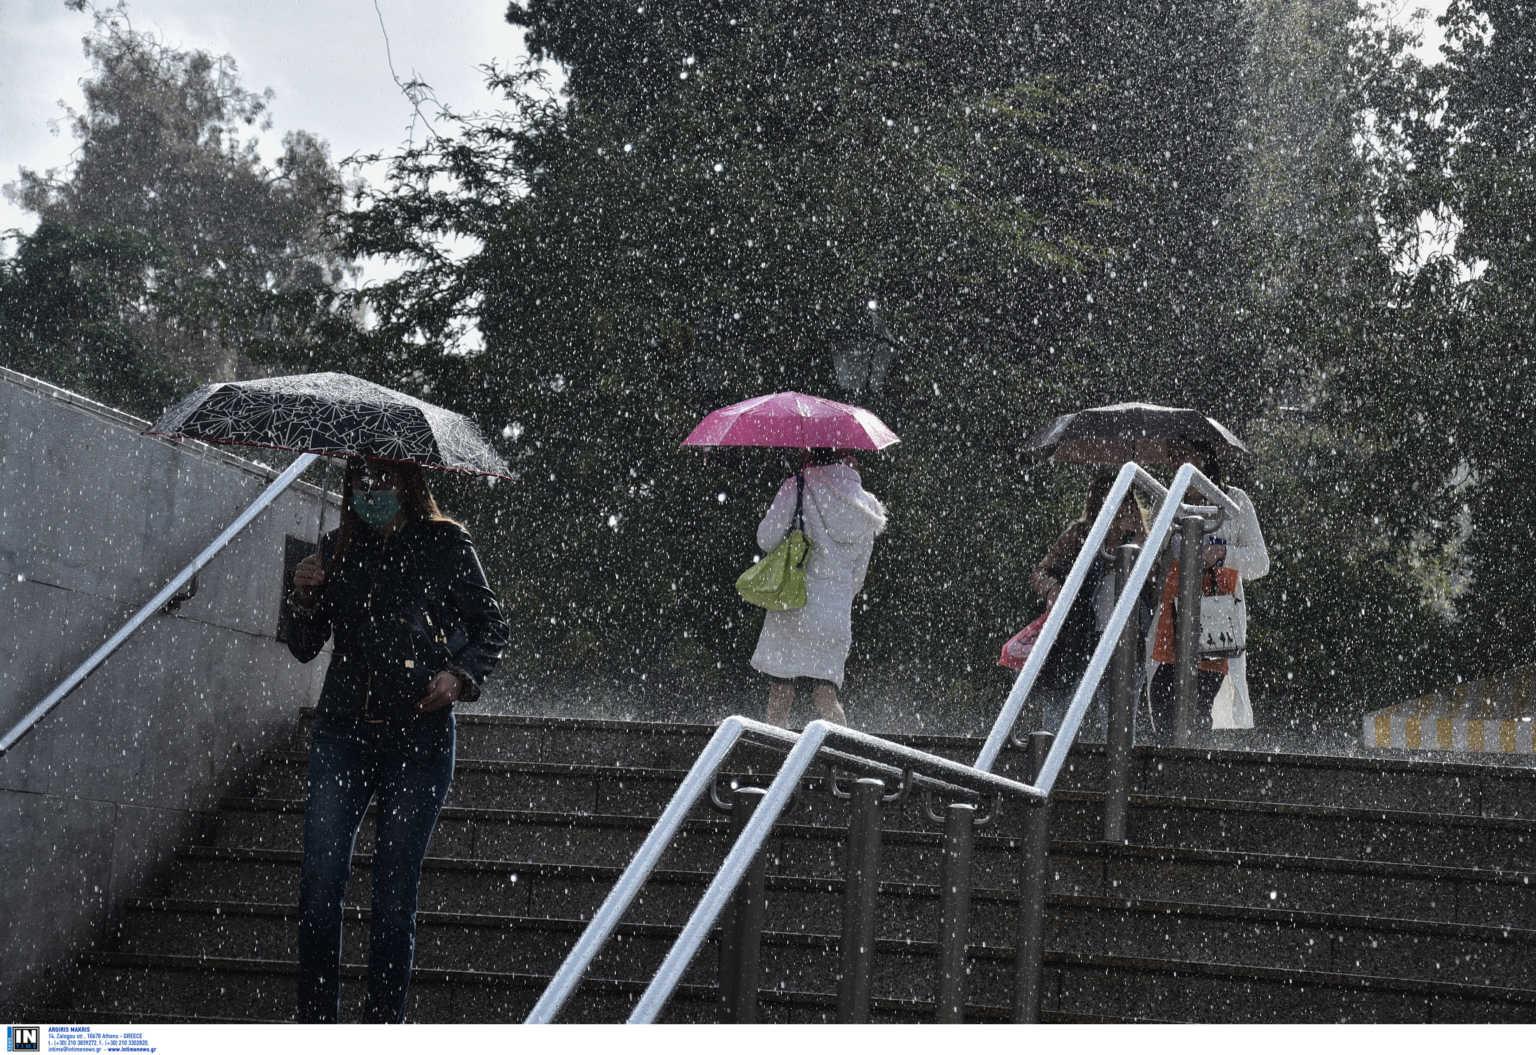 Καιρός: Ξεχάστε τη σαββατιάτικη βόλτα! Βροχές και καταιγίδες ξανά